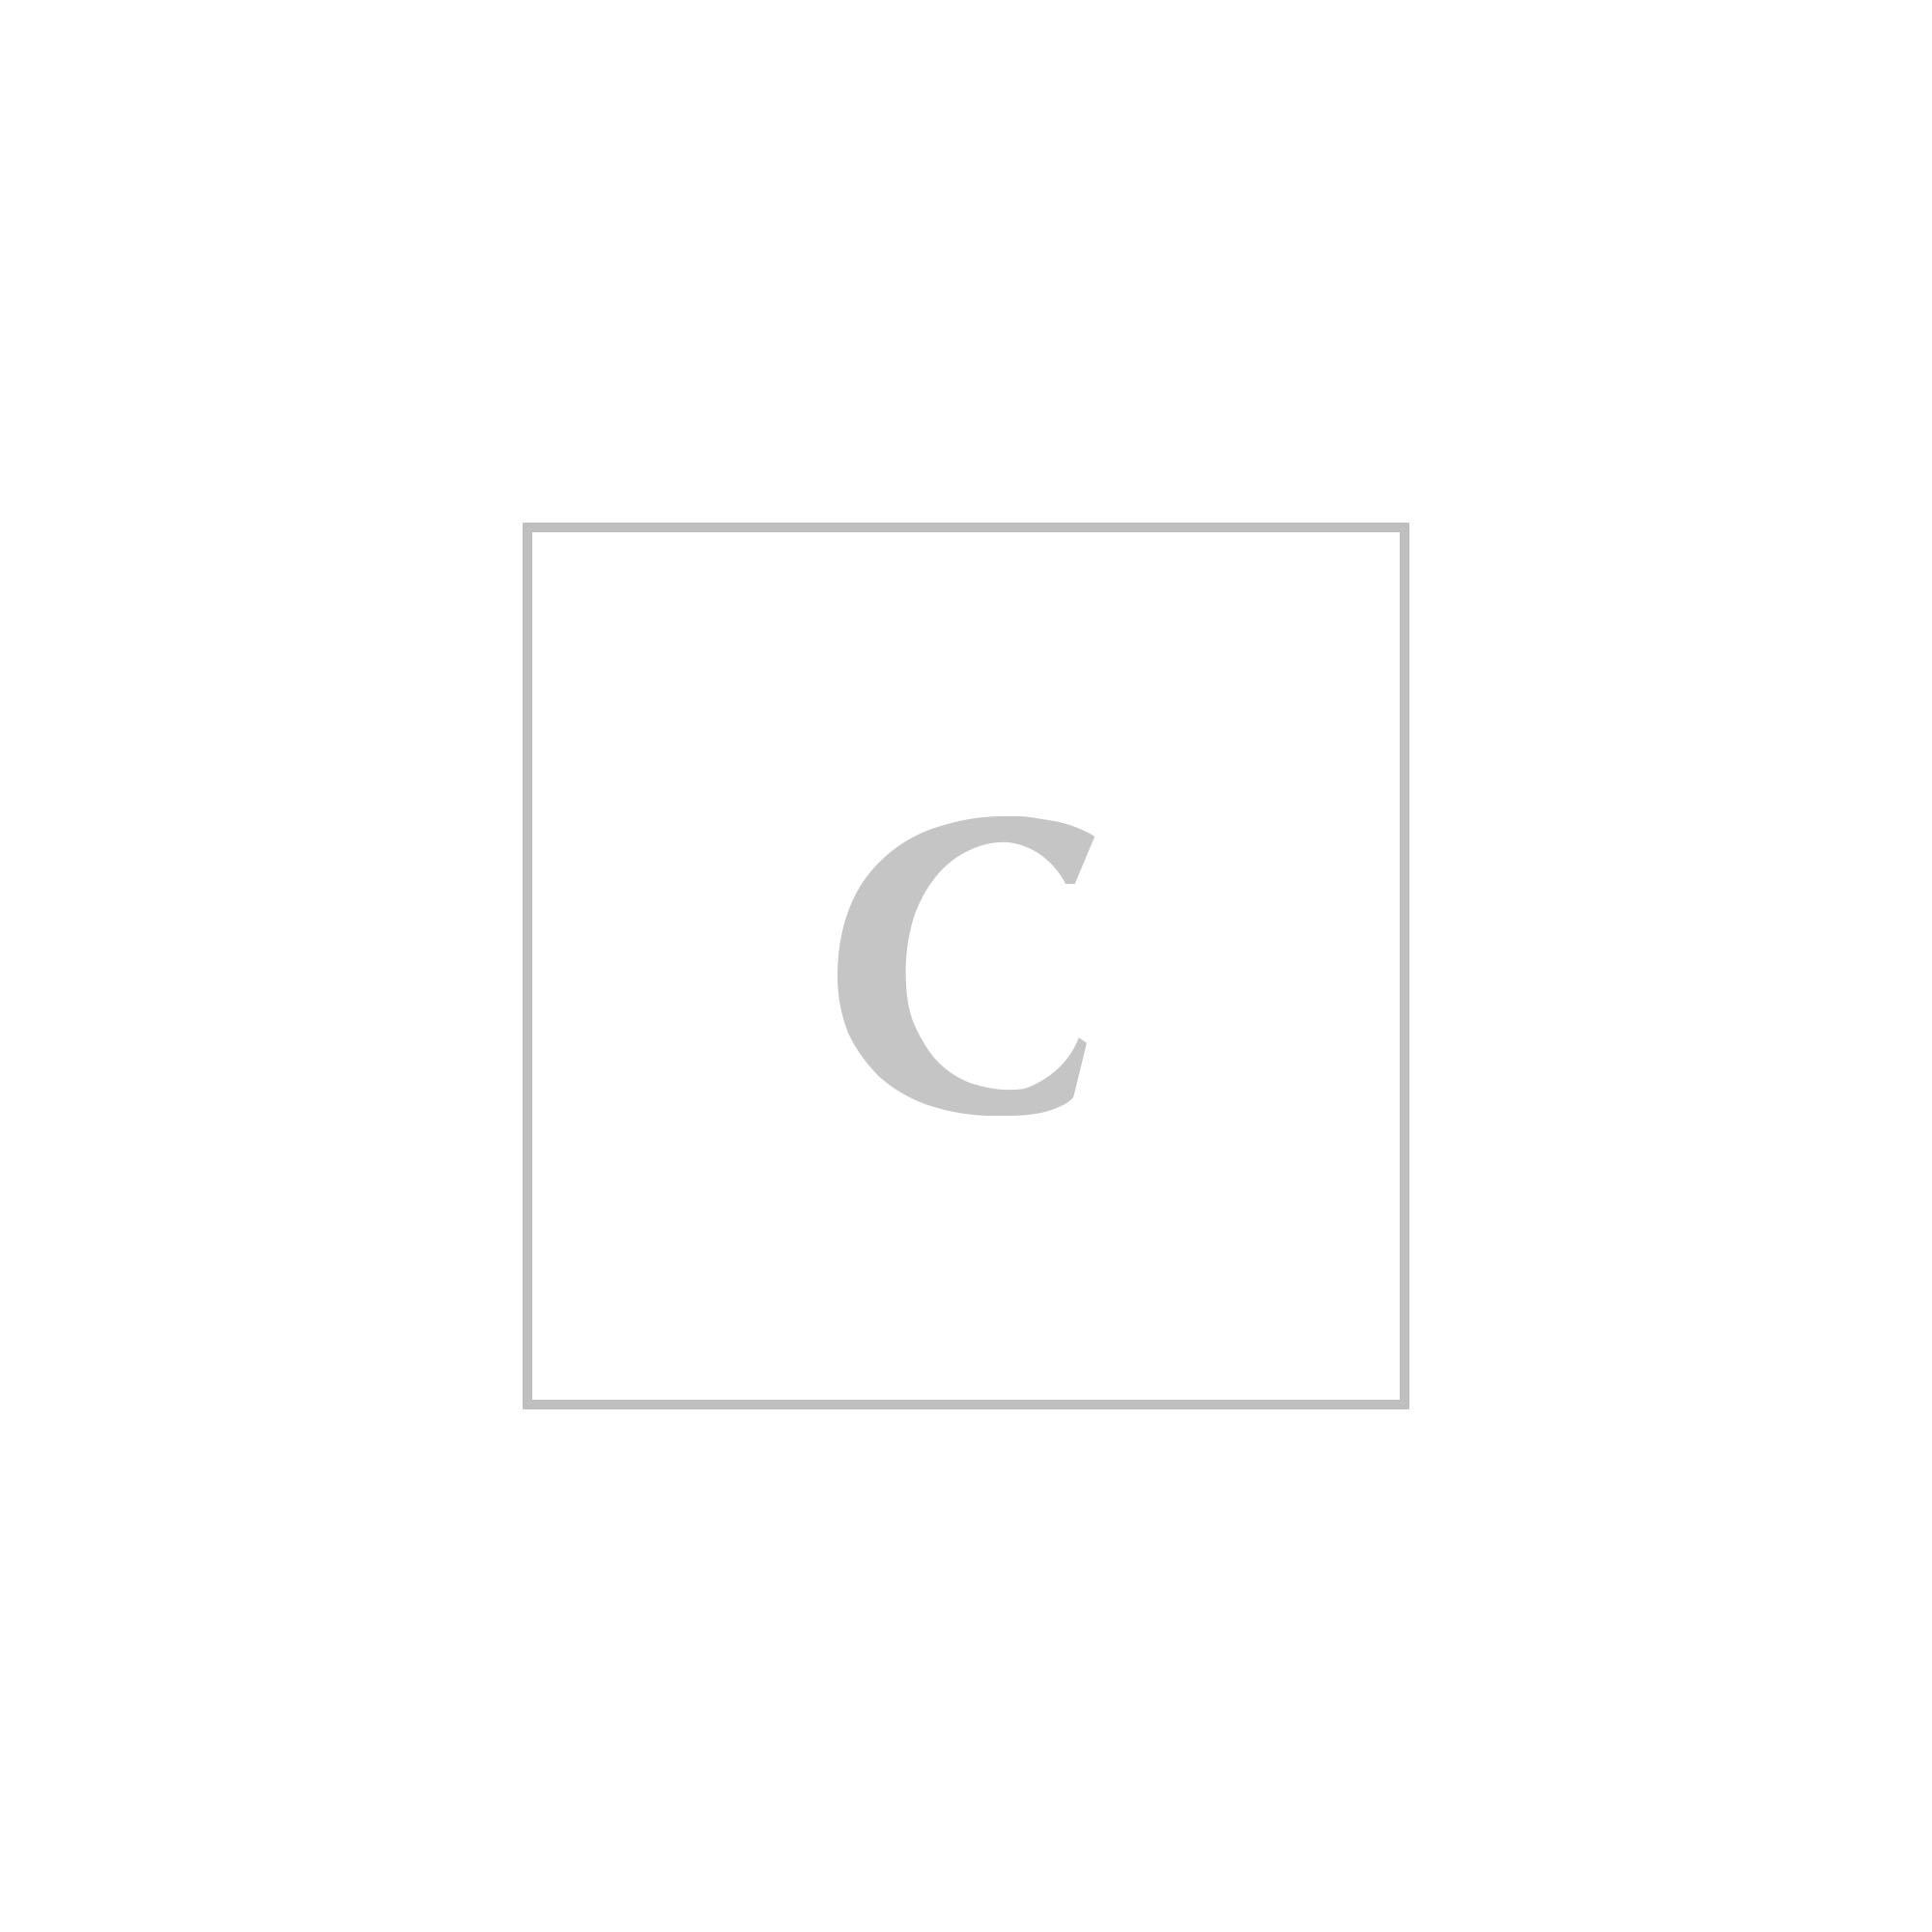 stella mccartney abbigliamento donna camicia denim leggero